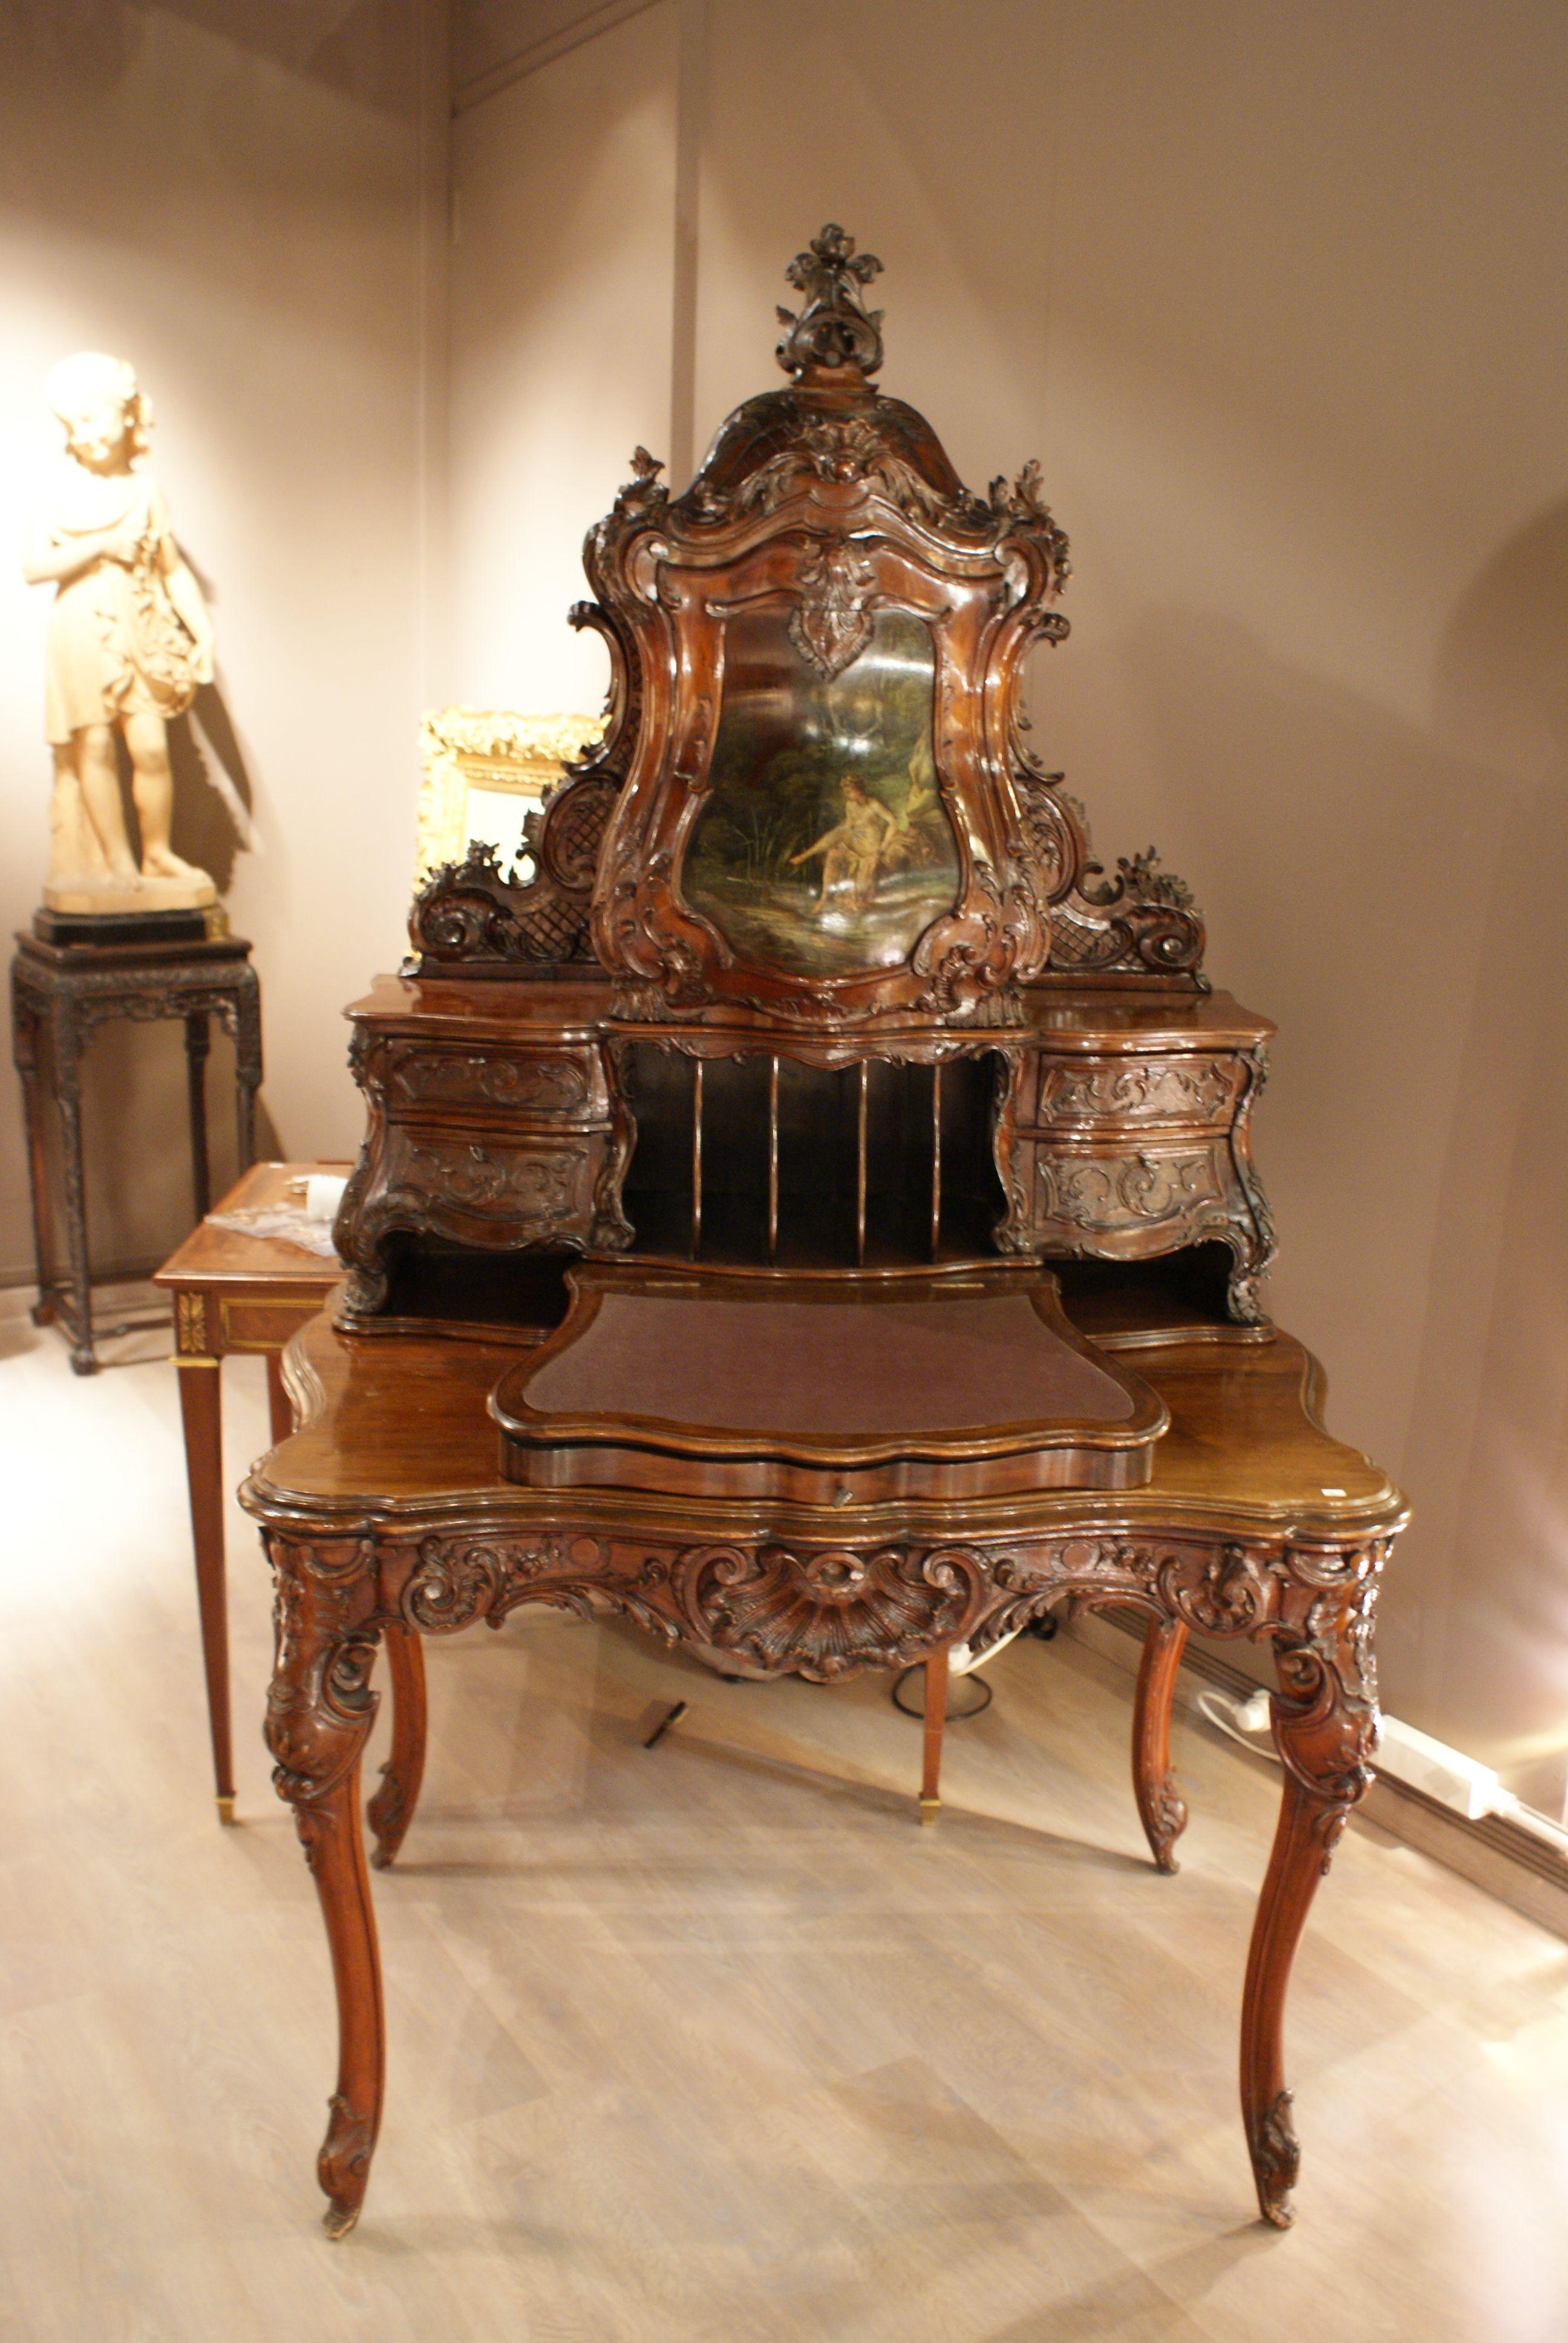 Bureau Louis Xv Chateau De Versailles Mobilier De Salon Meuble De Style Meuble Habitat